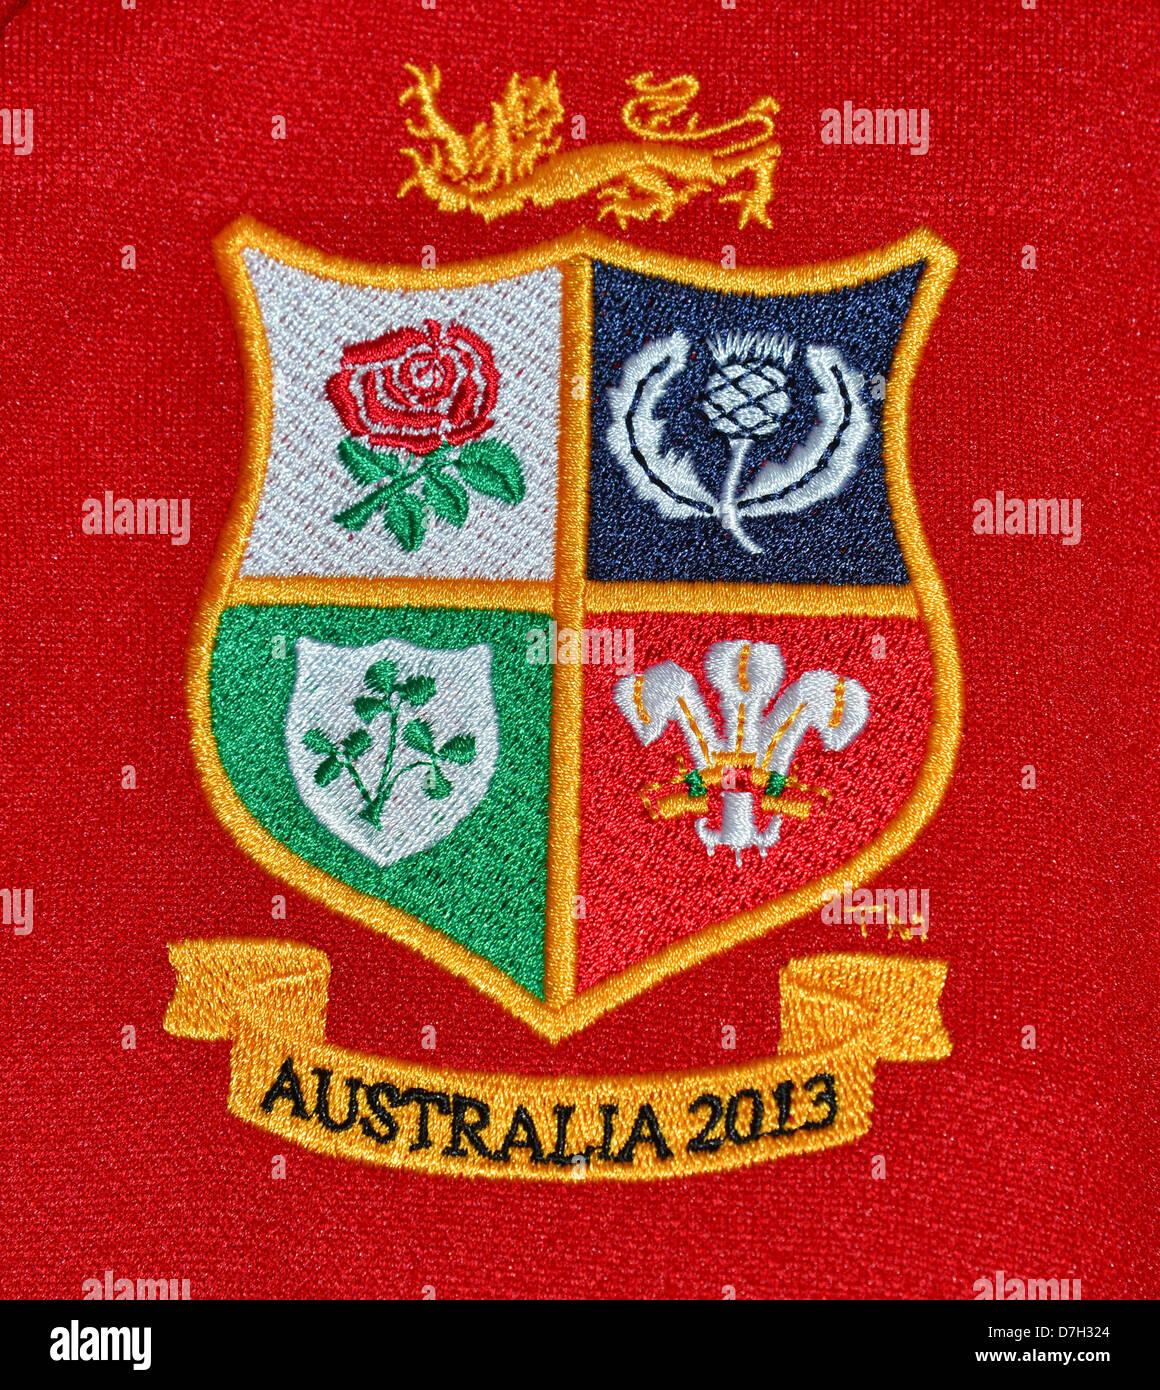 Australia 2013 British & Irish Lions rugby shirt logo, Surrey, England, United Kingdom - Stock Image